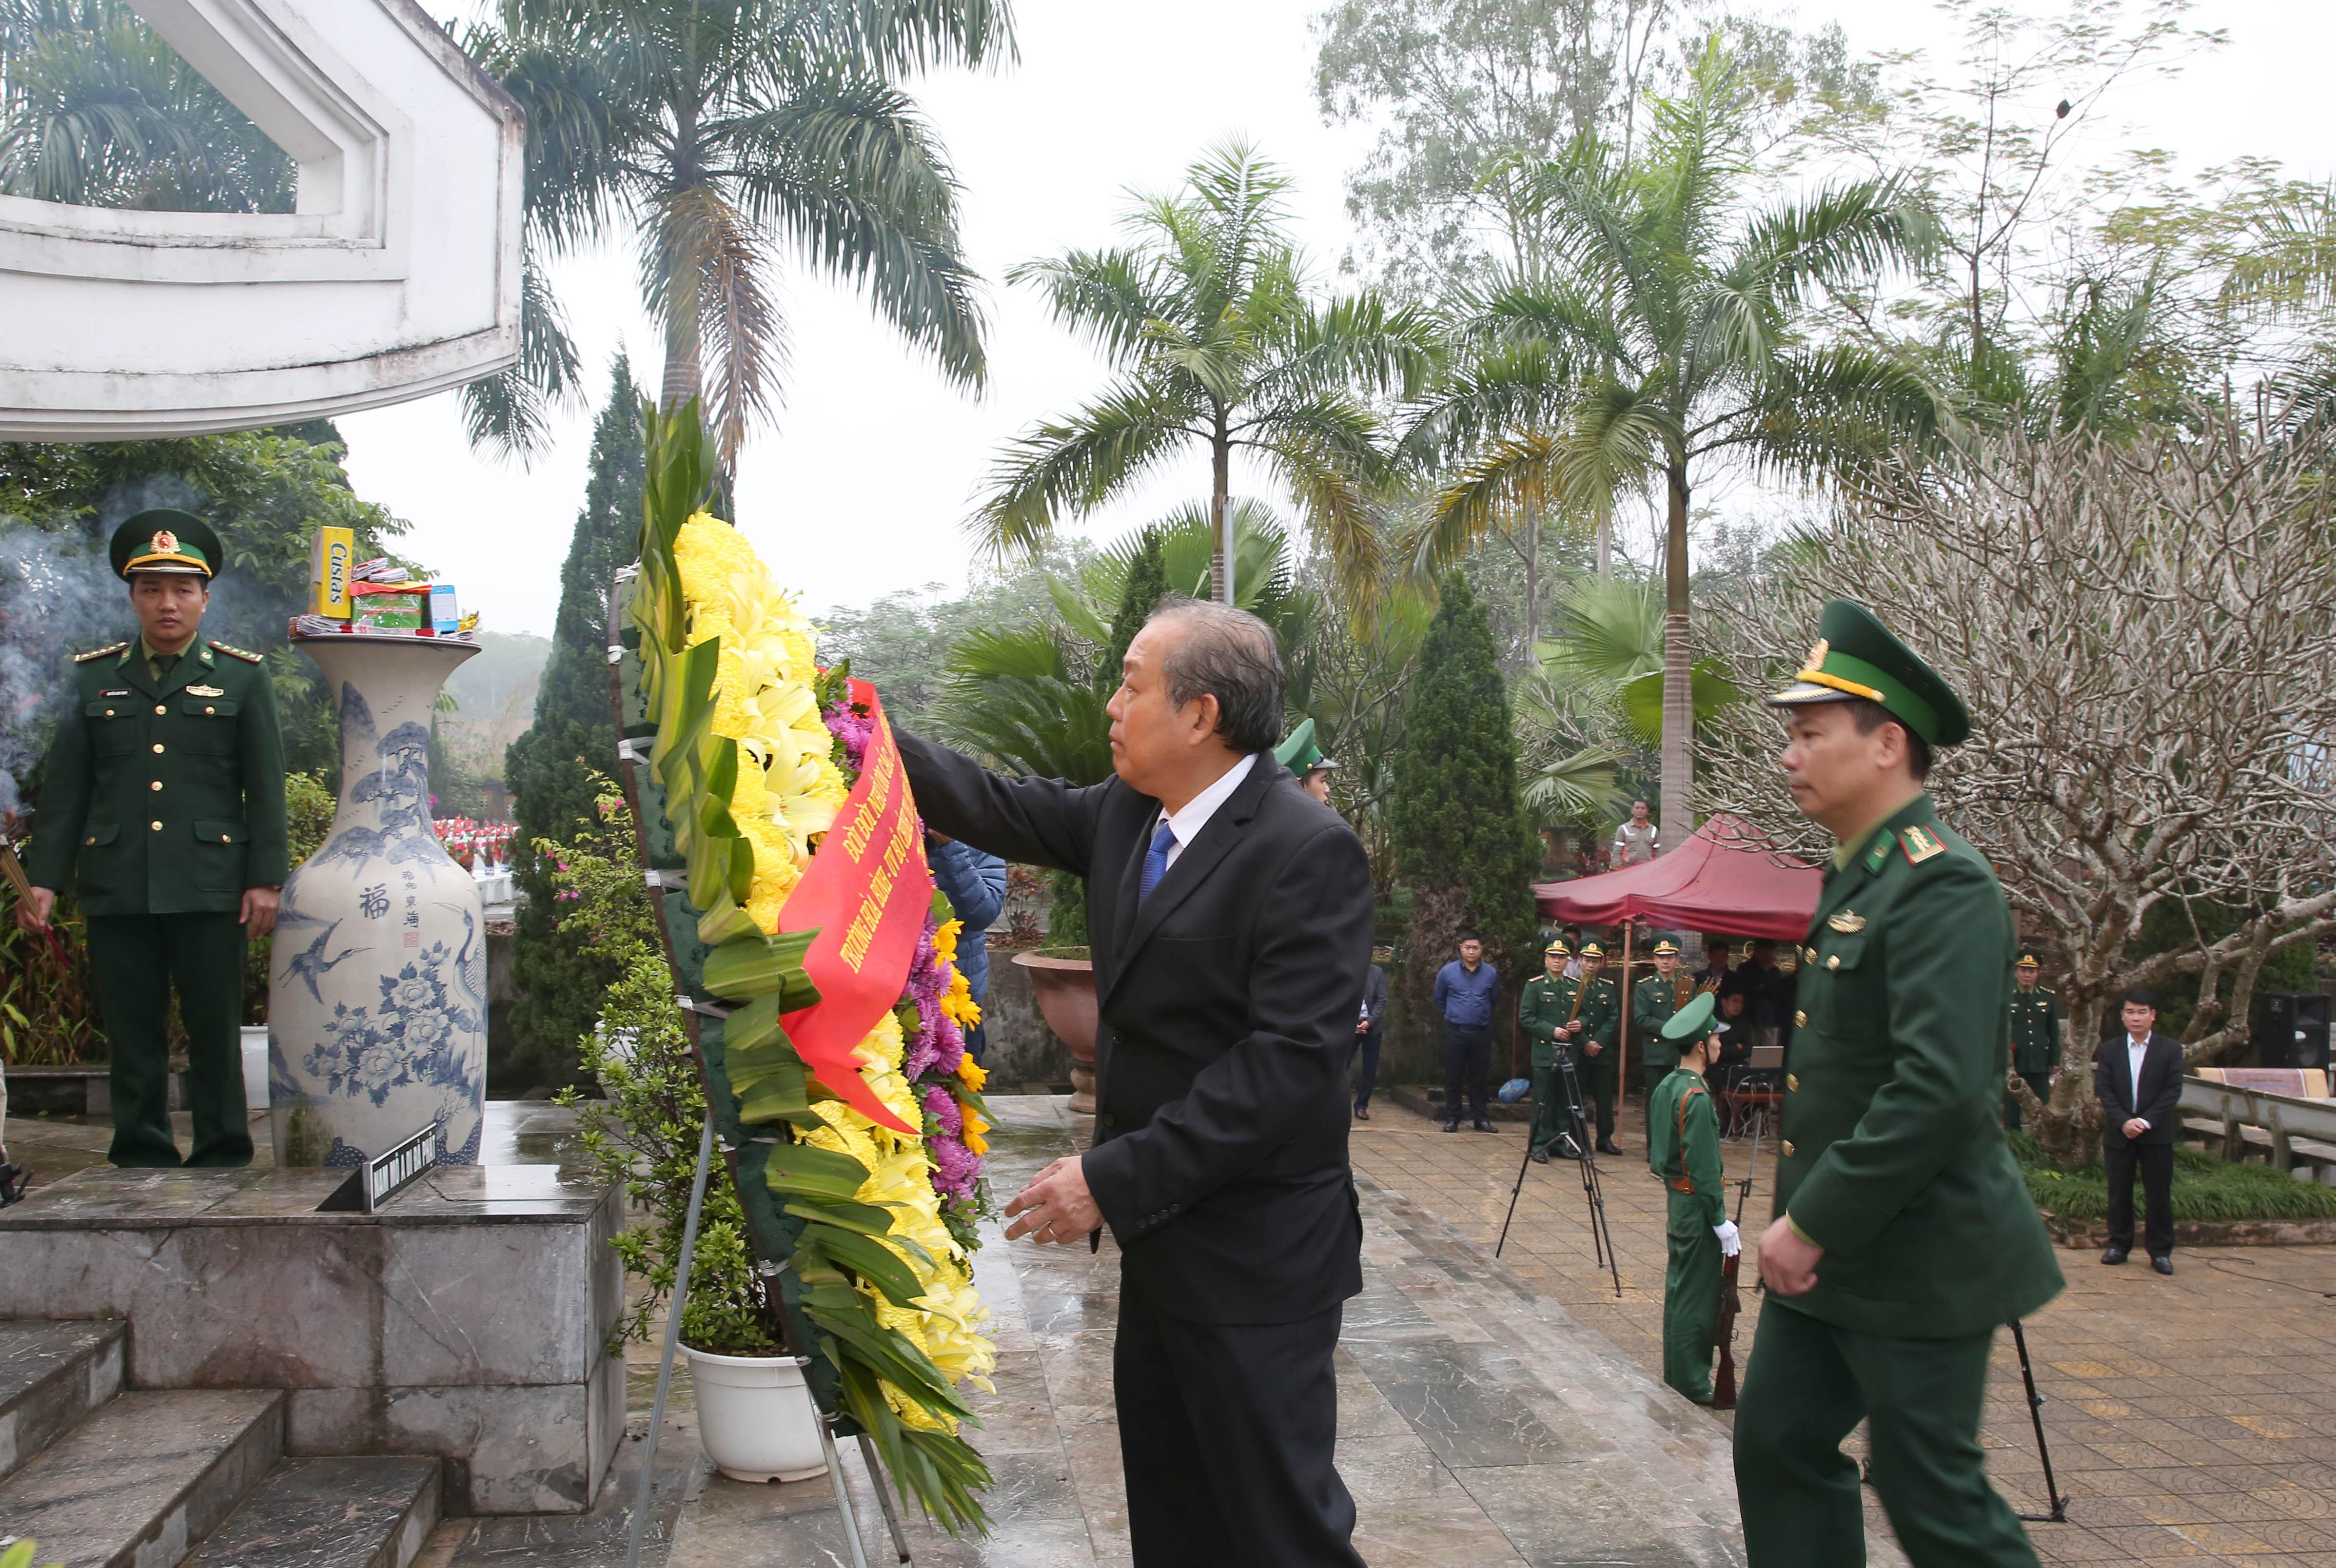 Phó Thủ tướng dâng hương tại nghĩa trang quốc gia Vị Xuyên, tỉnh Hà Giang. Ảnh: VGP/Lê Sơn